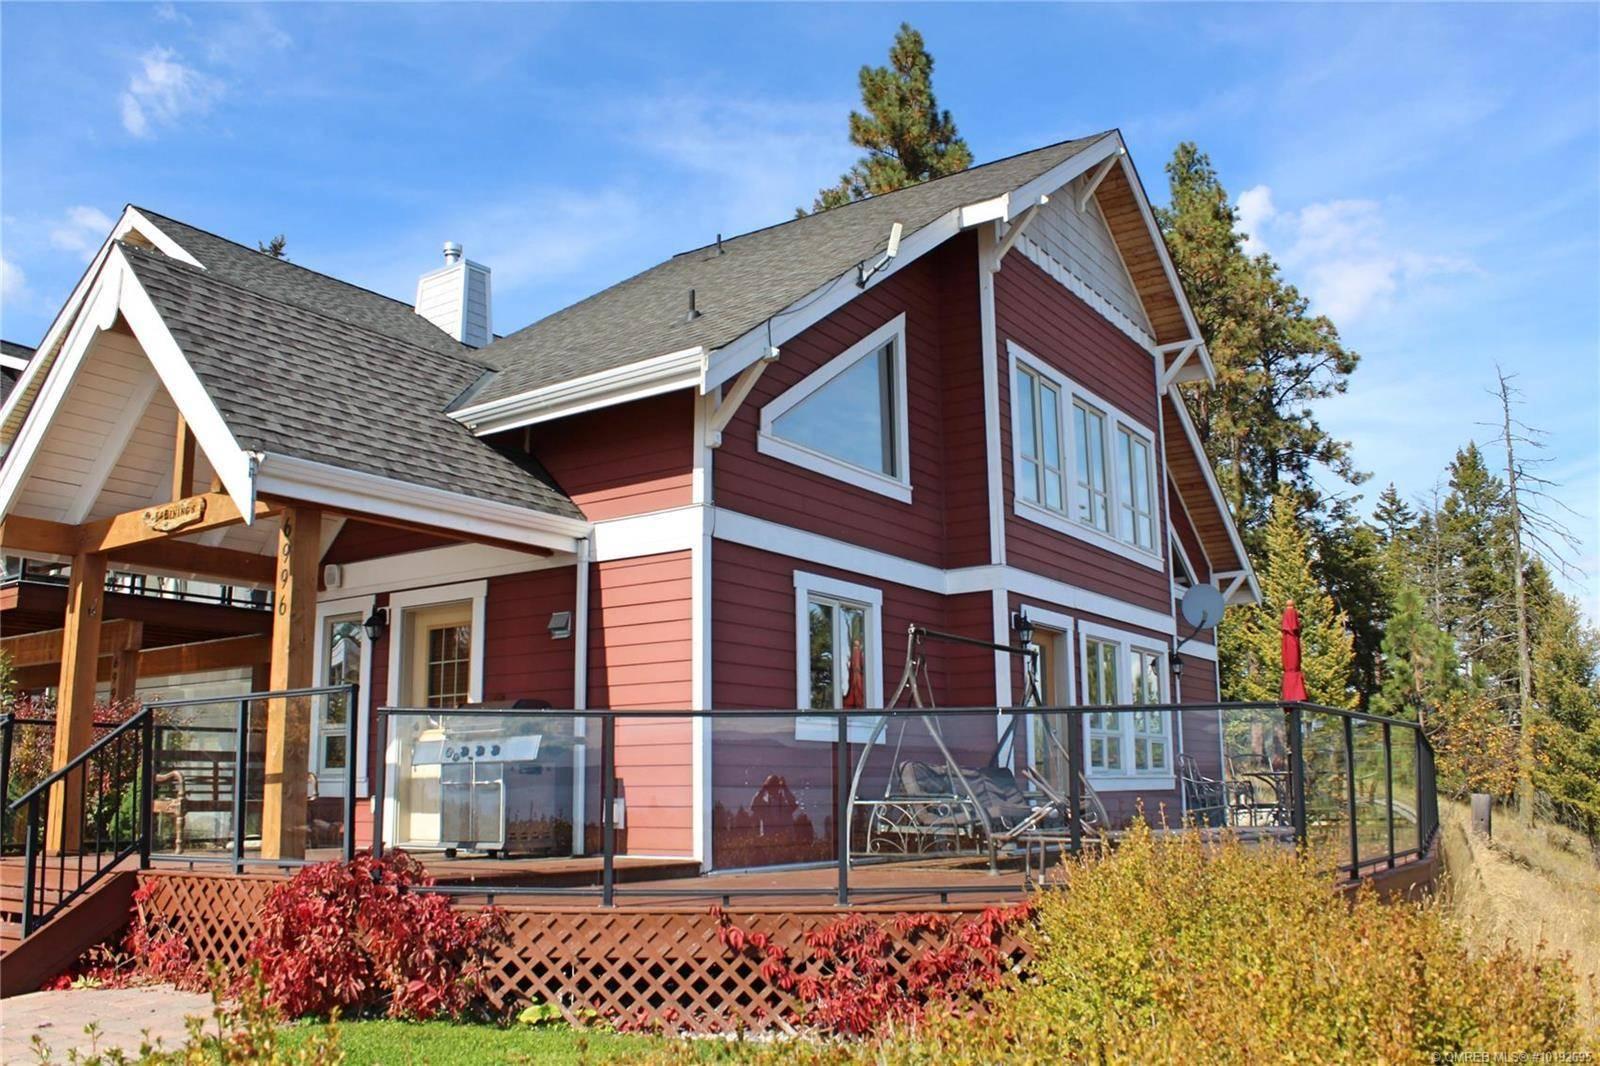 House for sale at 6996 Terazona Dr Kelowna British Columbia - MLS: 10192695